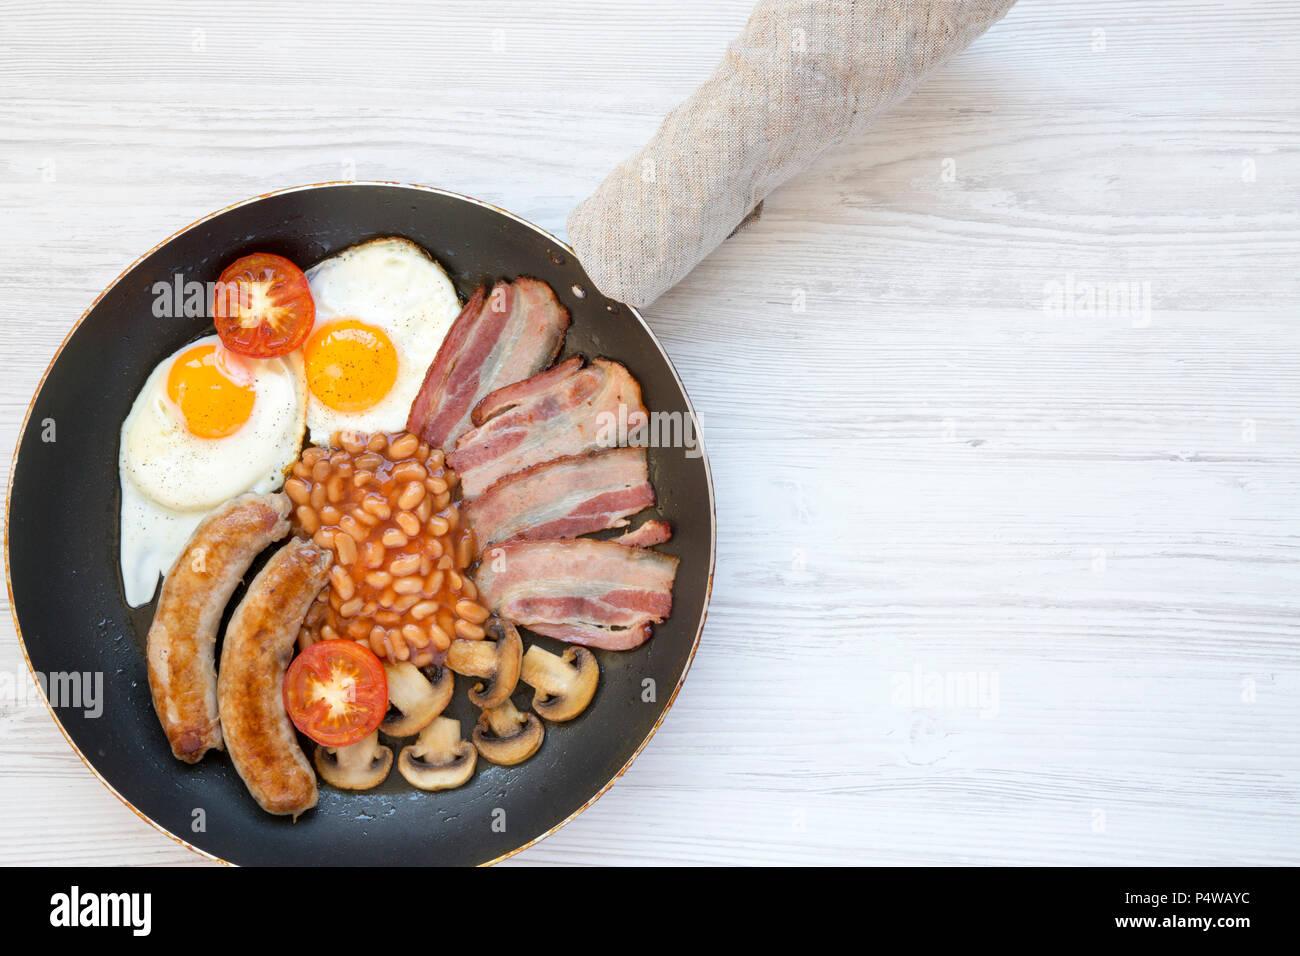 Le petit déjeuner anglais complet dans le moule avec des saucisses, des champignons, des œufs frits, haricots, tomates et bacon sur un fond de bois blanc. Copier l'espace. Vue d'en haut. Location l Banque D'Images